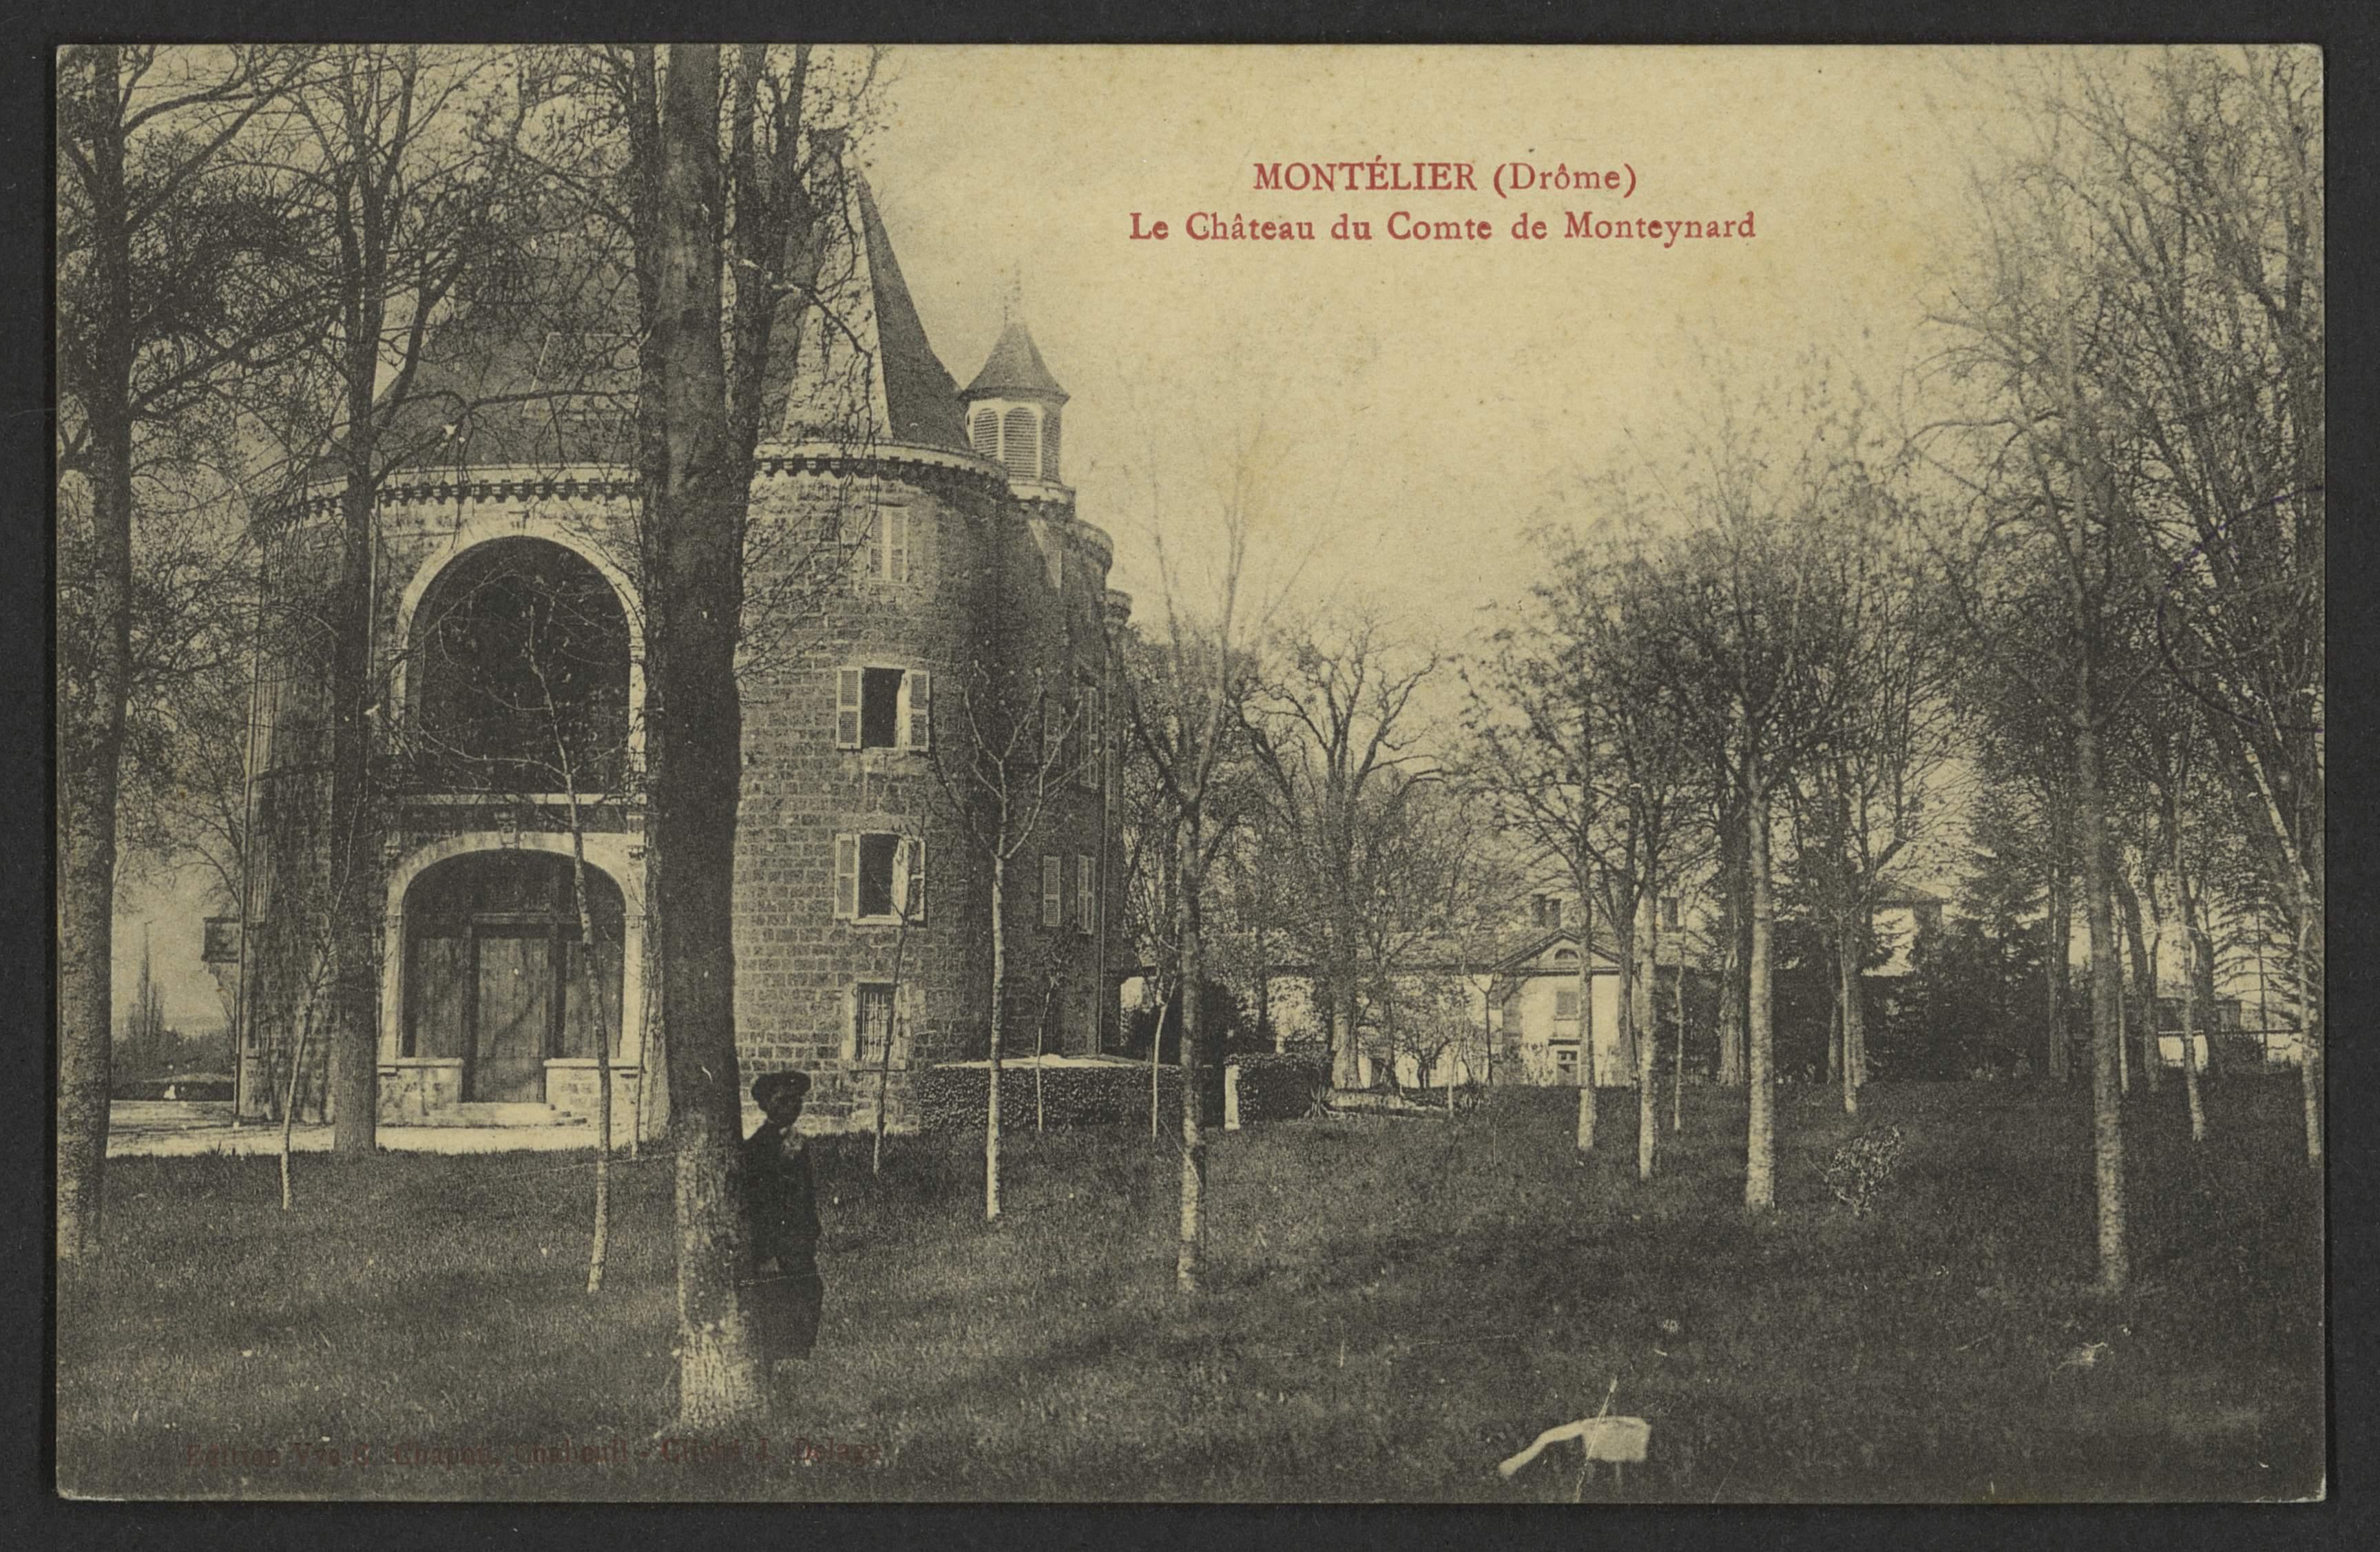 Montélier (Drôme) - Le château du Comte de Monteynard